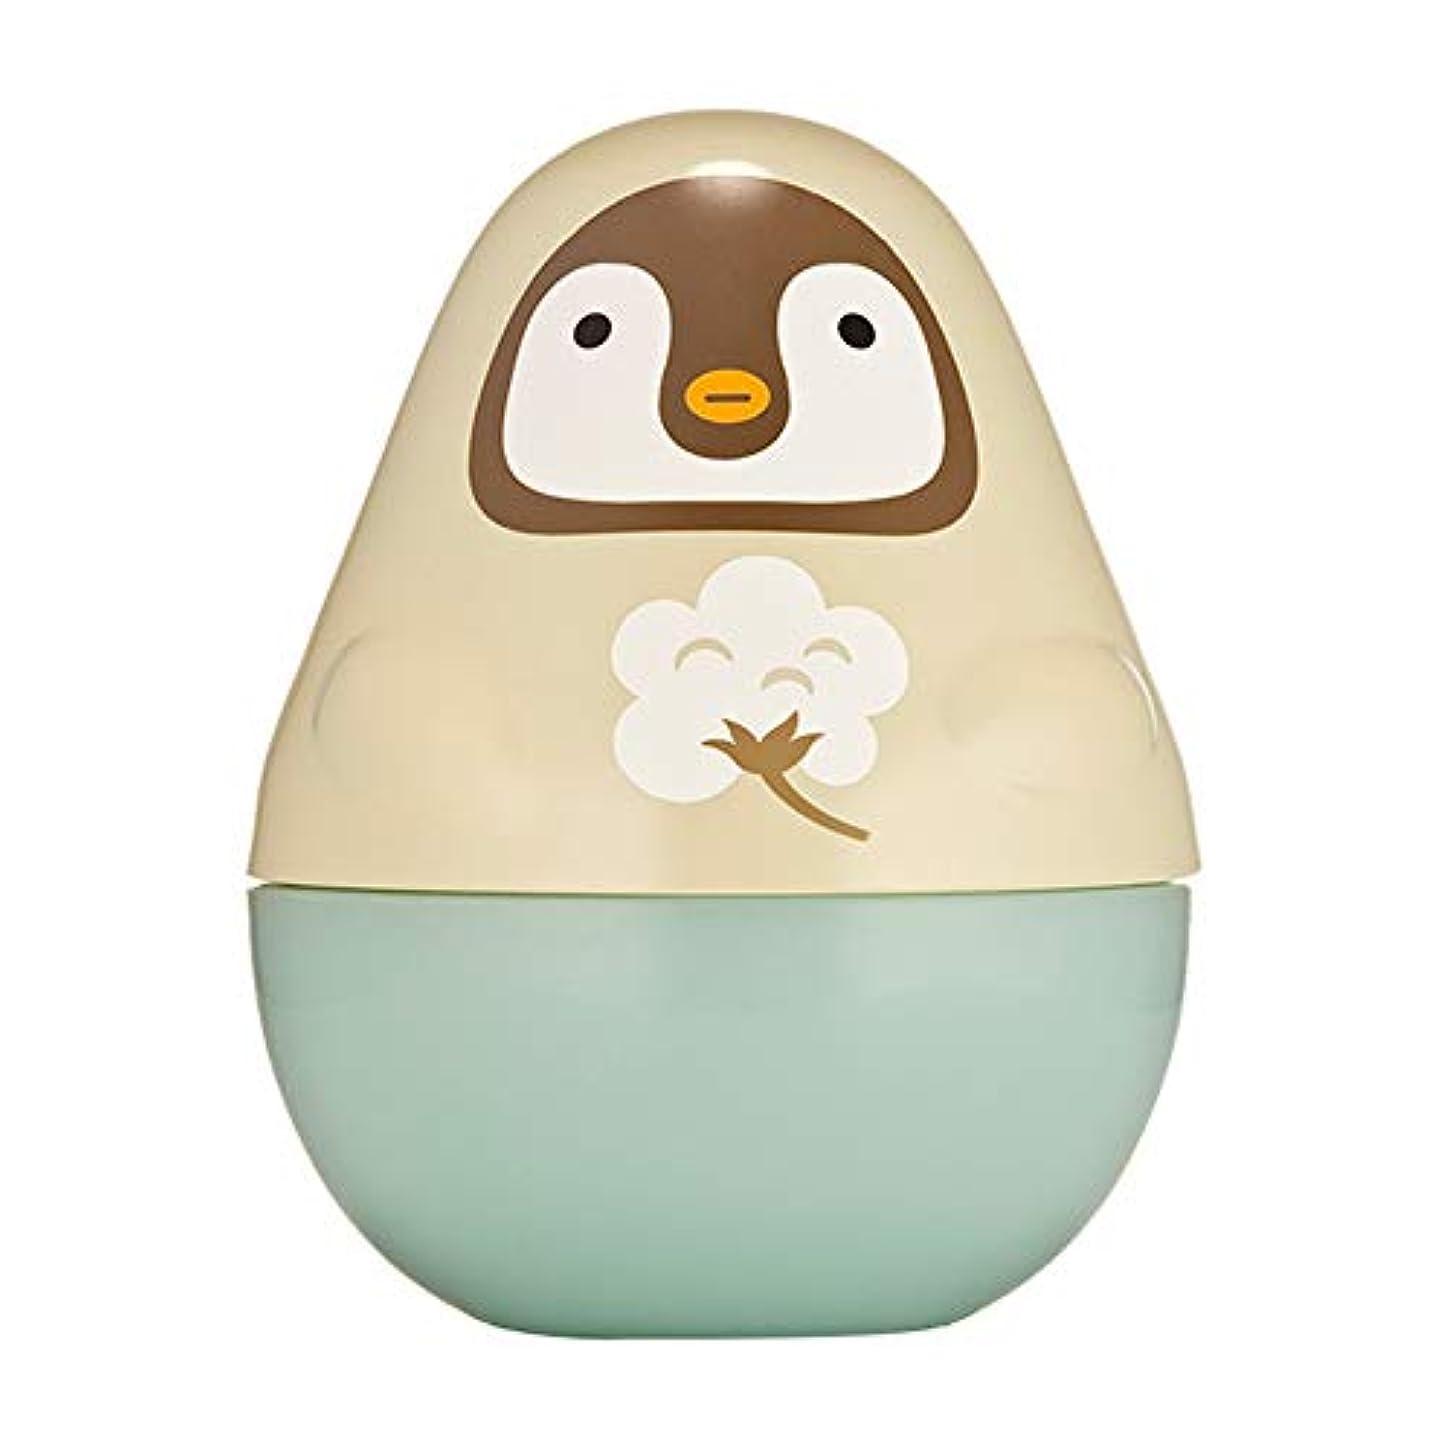 戸惑うワイプ北東エチュードハウス(ETUDE HOUSE) ミッシングユー ハンドクリーム ペンギン(ベビーパウダーの香り)